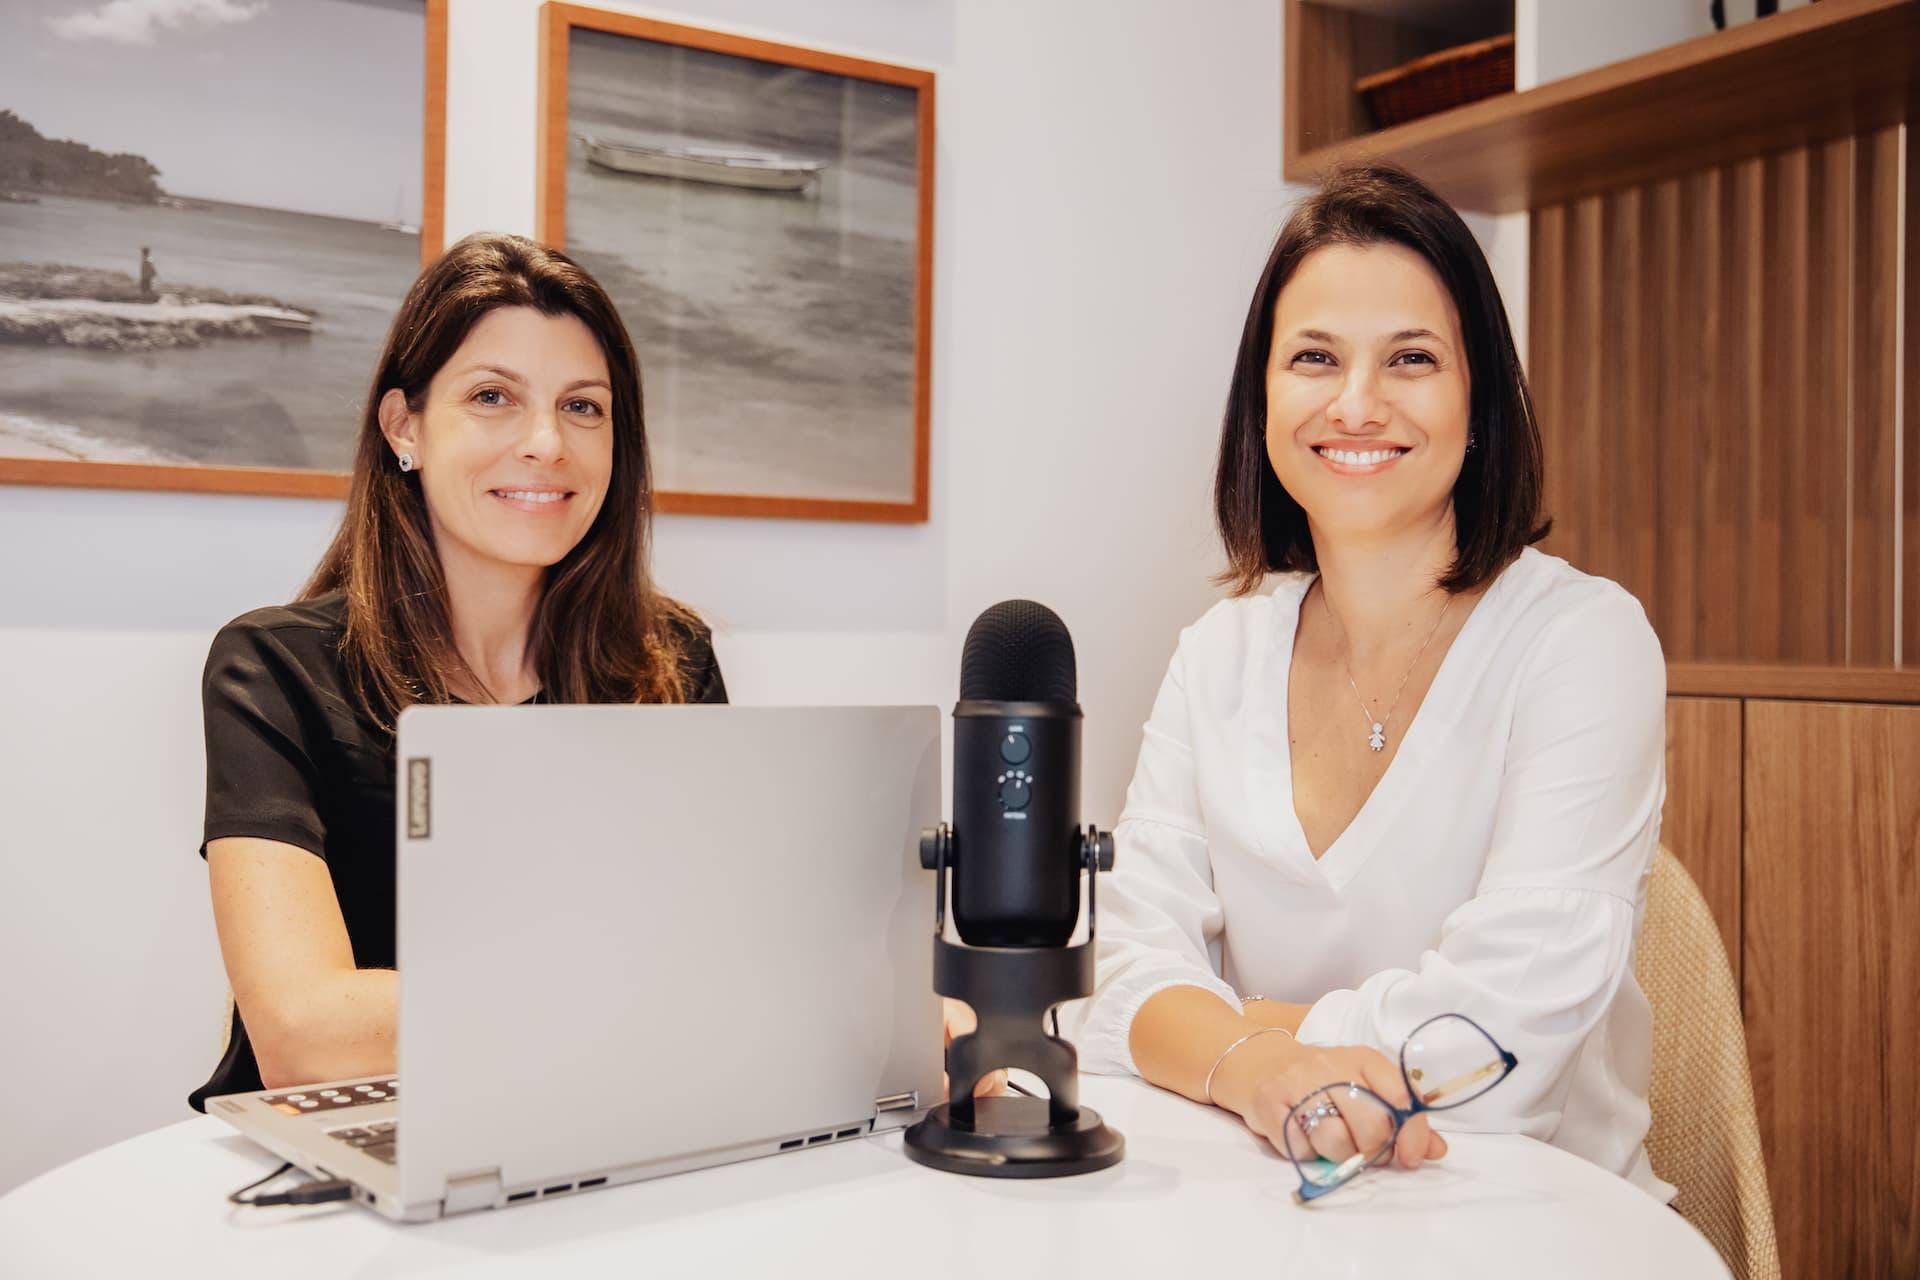 Carina e Cinthya numa mesa com um laptop e um microfone